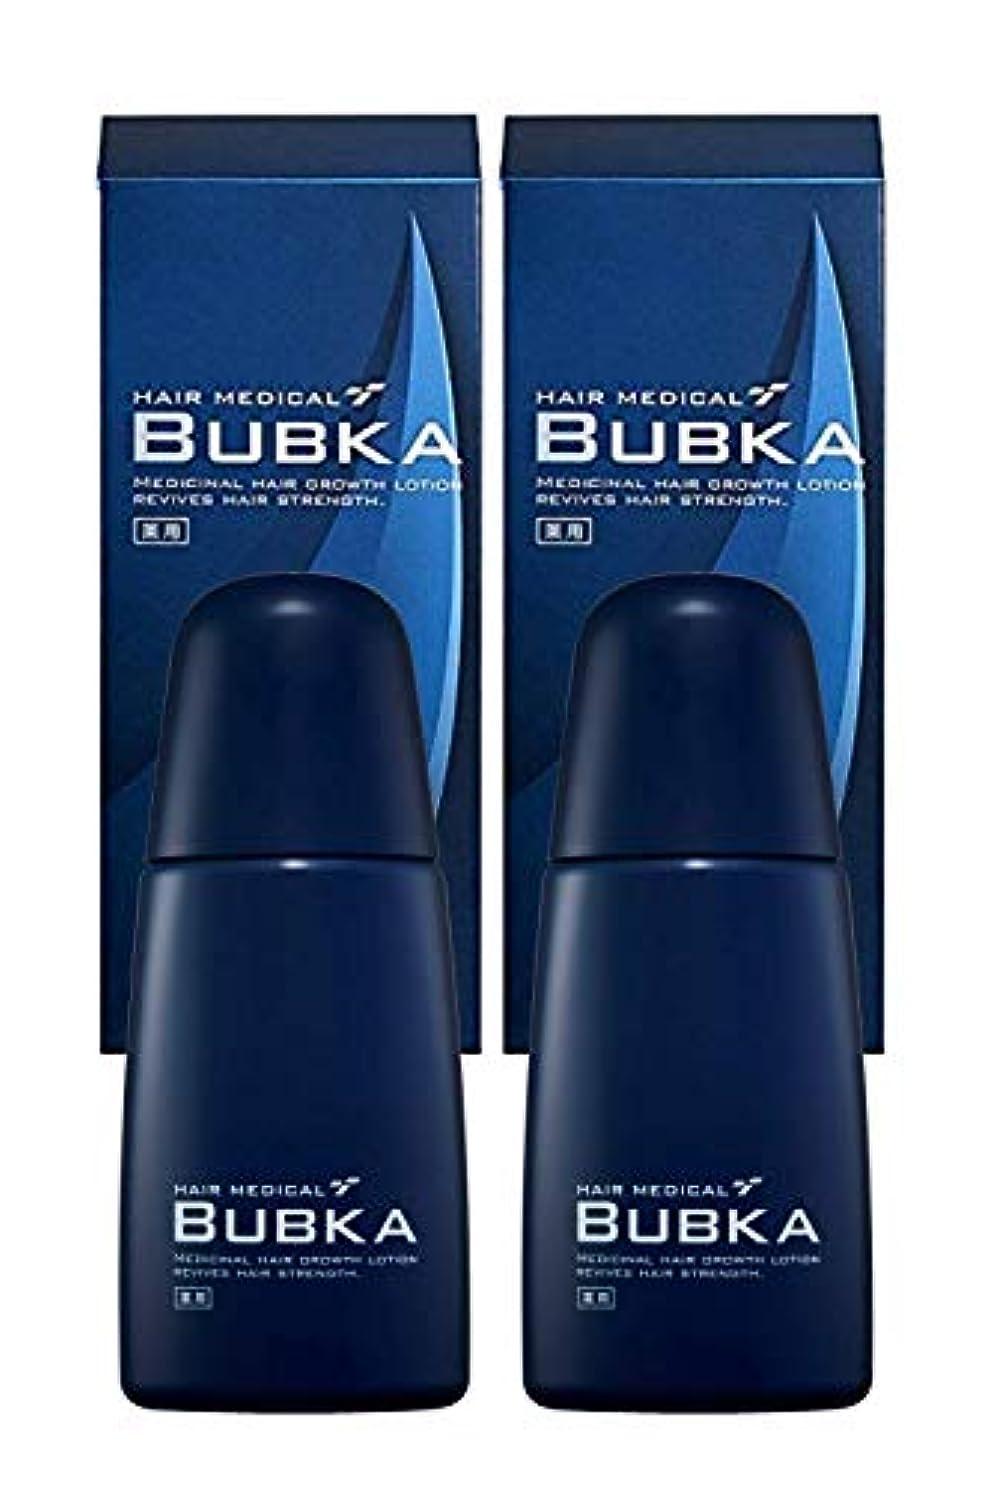 識字スクラップブックおなかがすいた【医薬部外品】BUBKA(ブブカ) 濃密育毛剤 BUBKA 003M 外販用青ボトル (2本組セット)